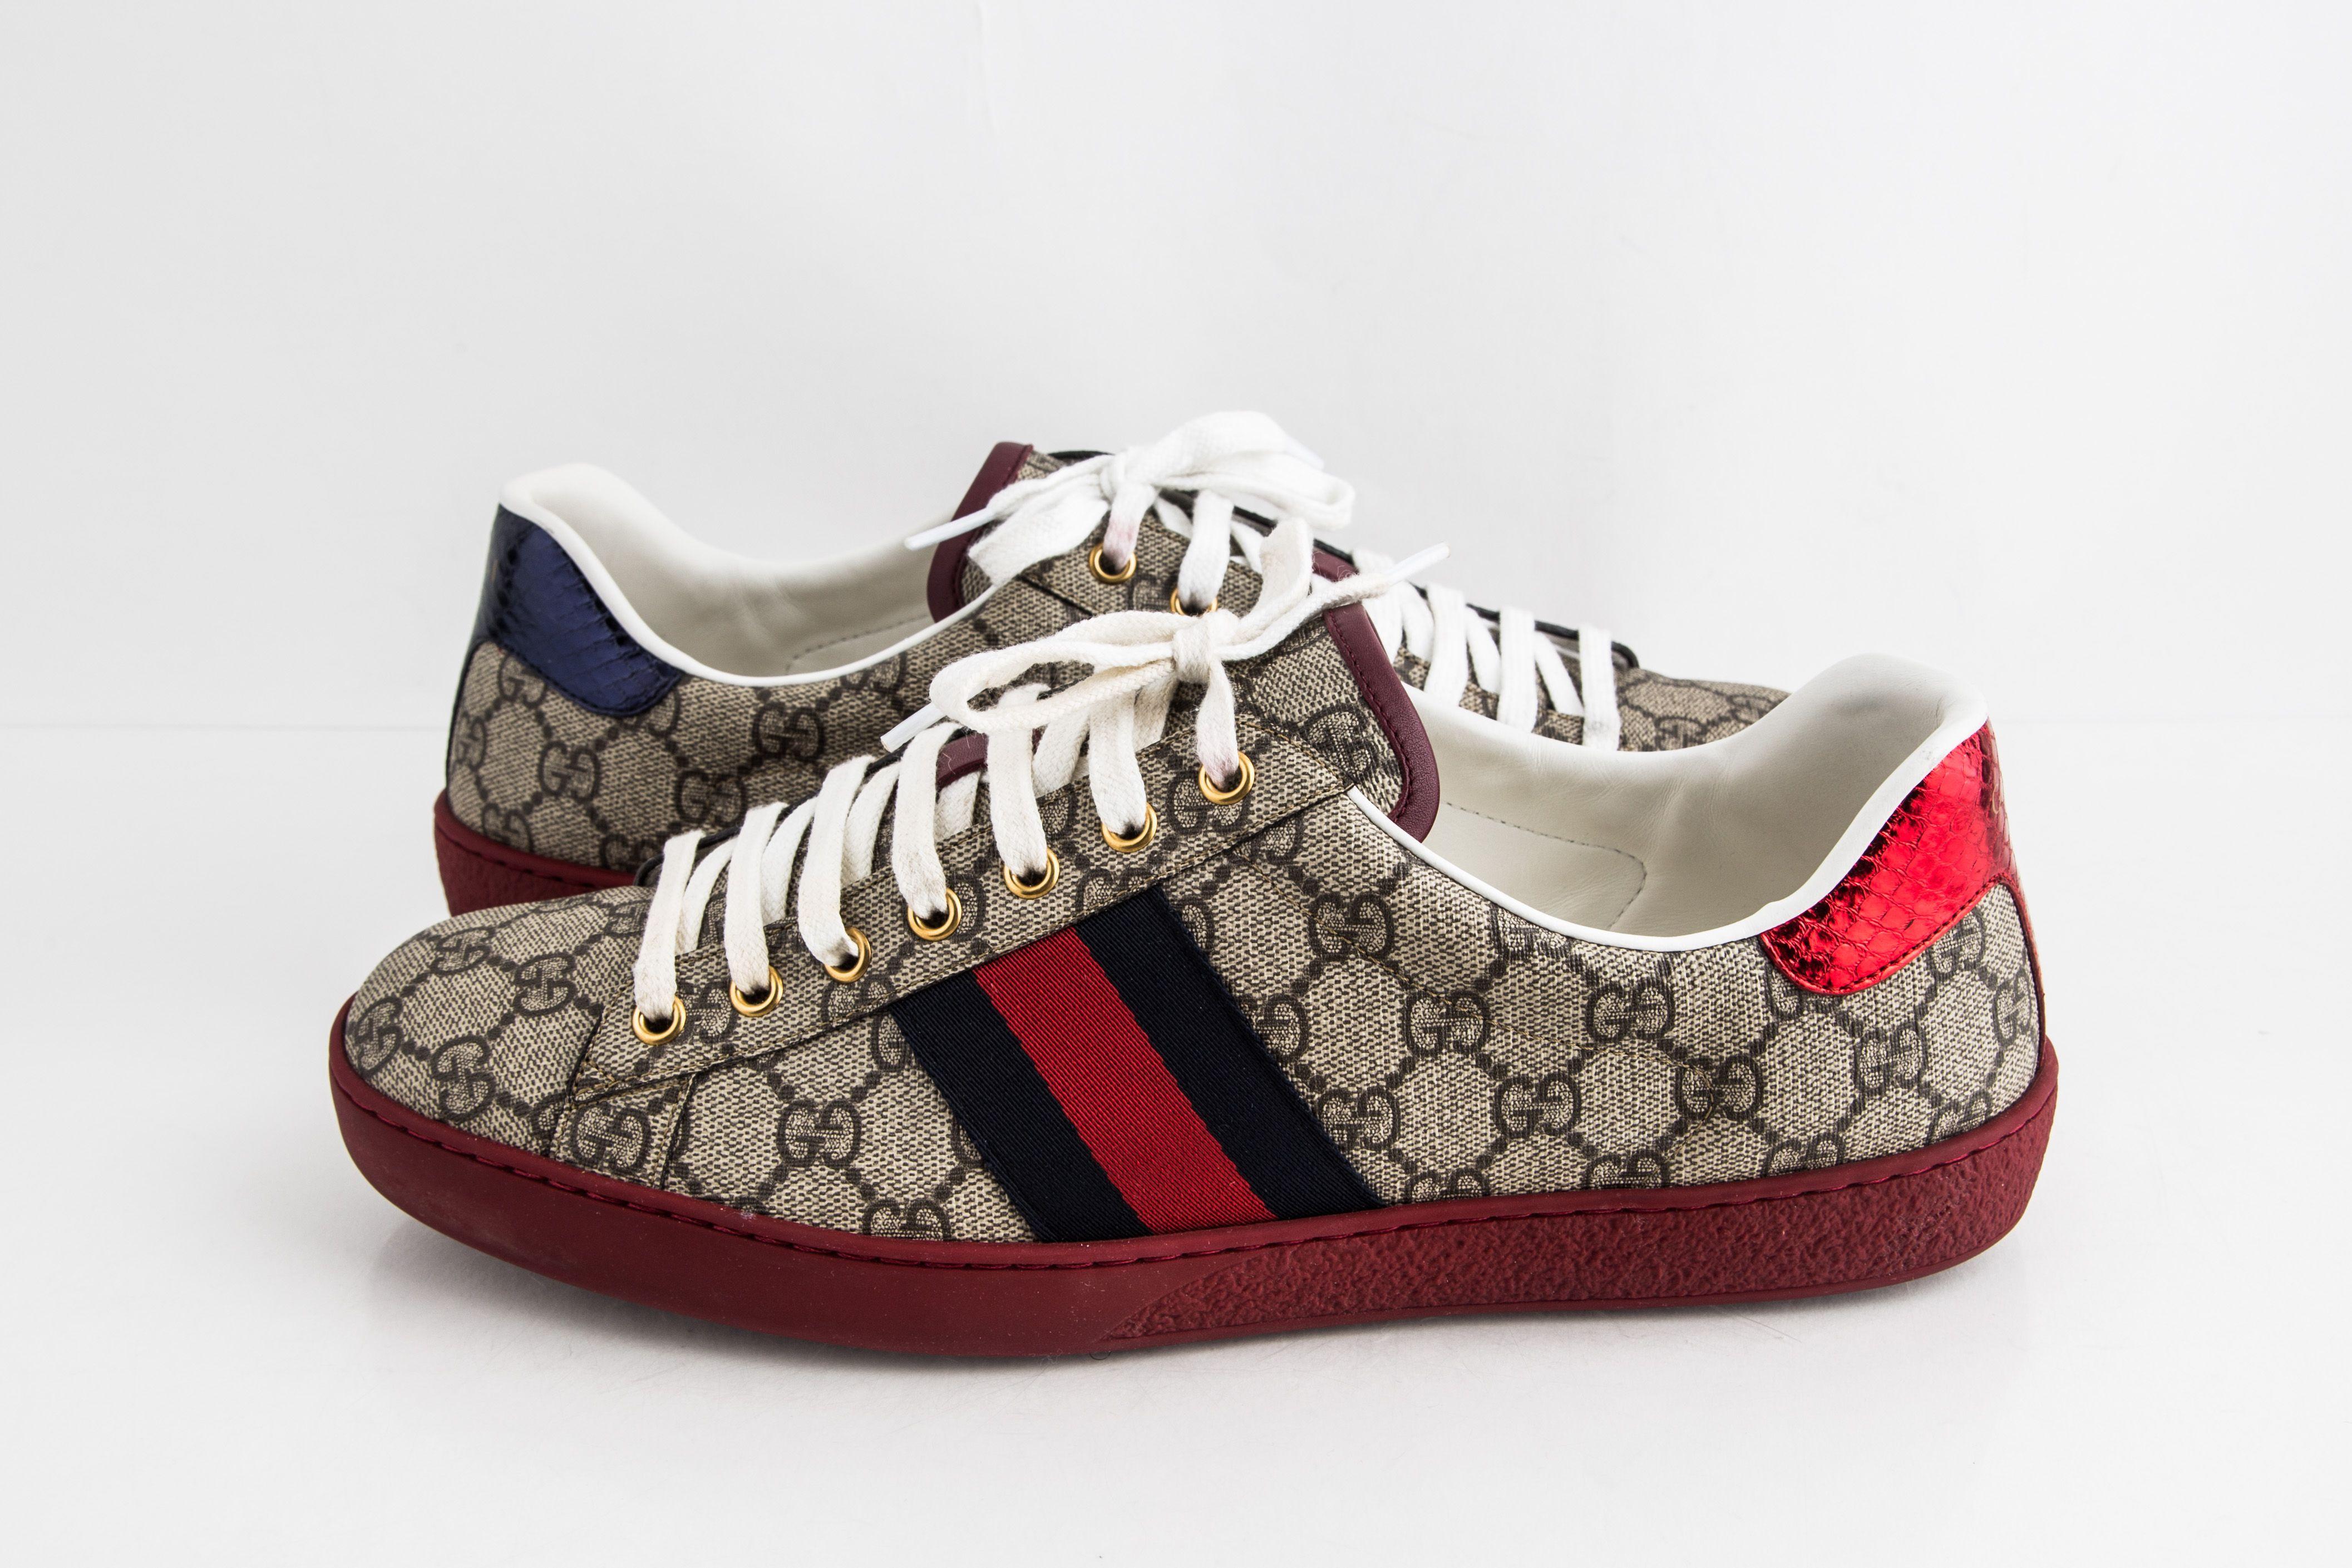 Gucci Ace Gg Supreme Sneaker Red/Blue